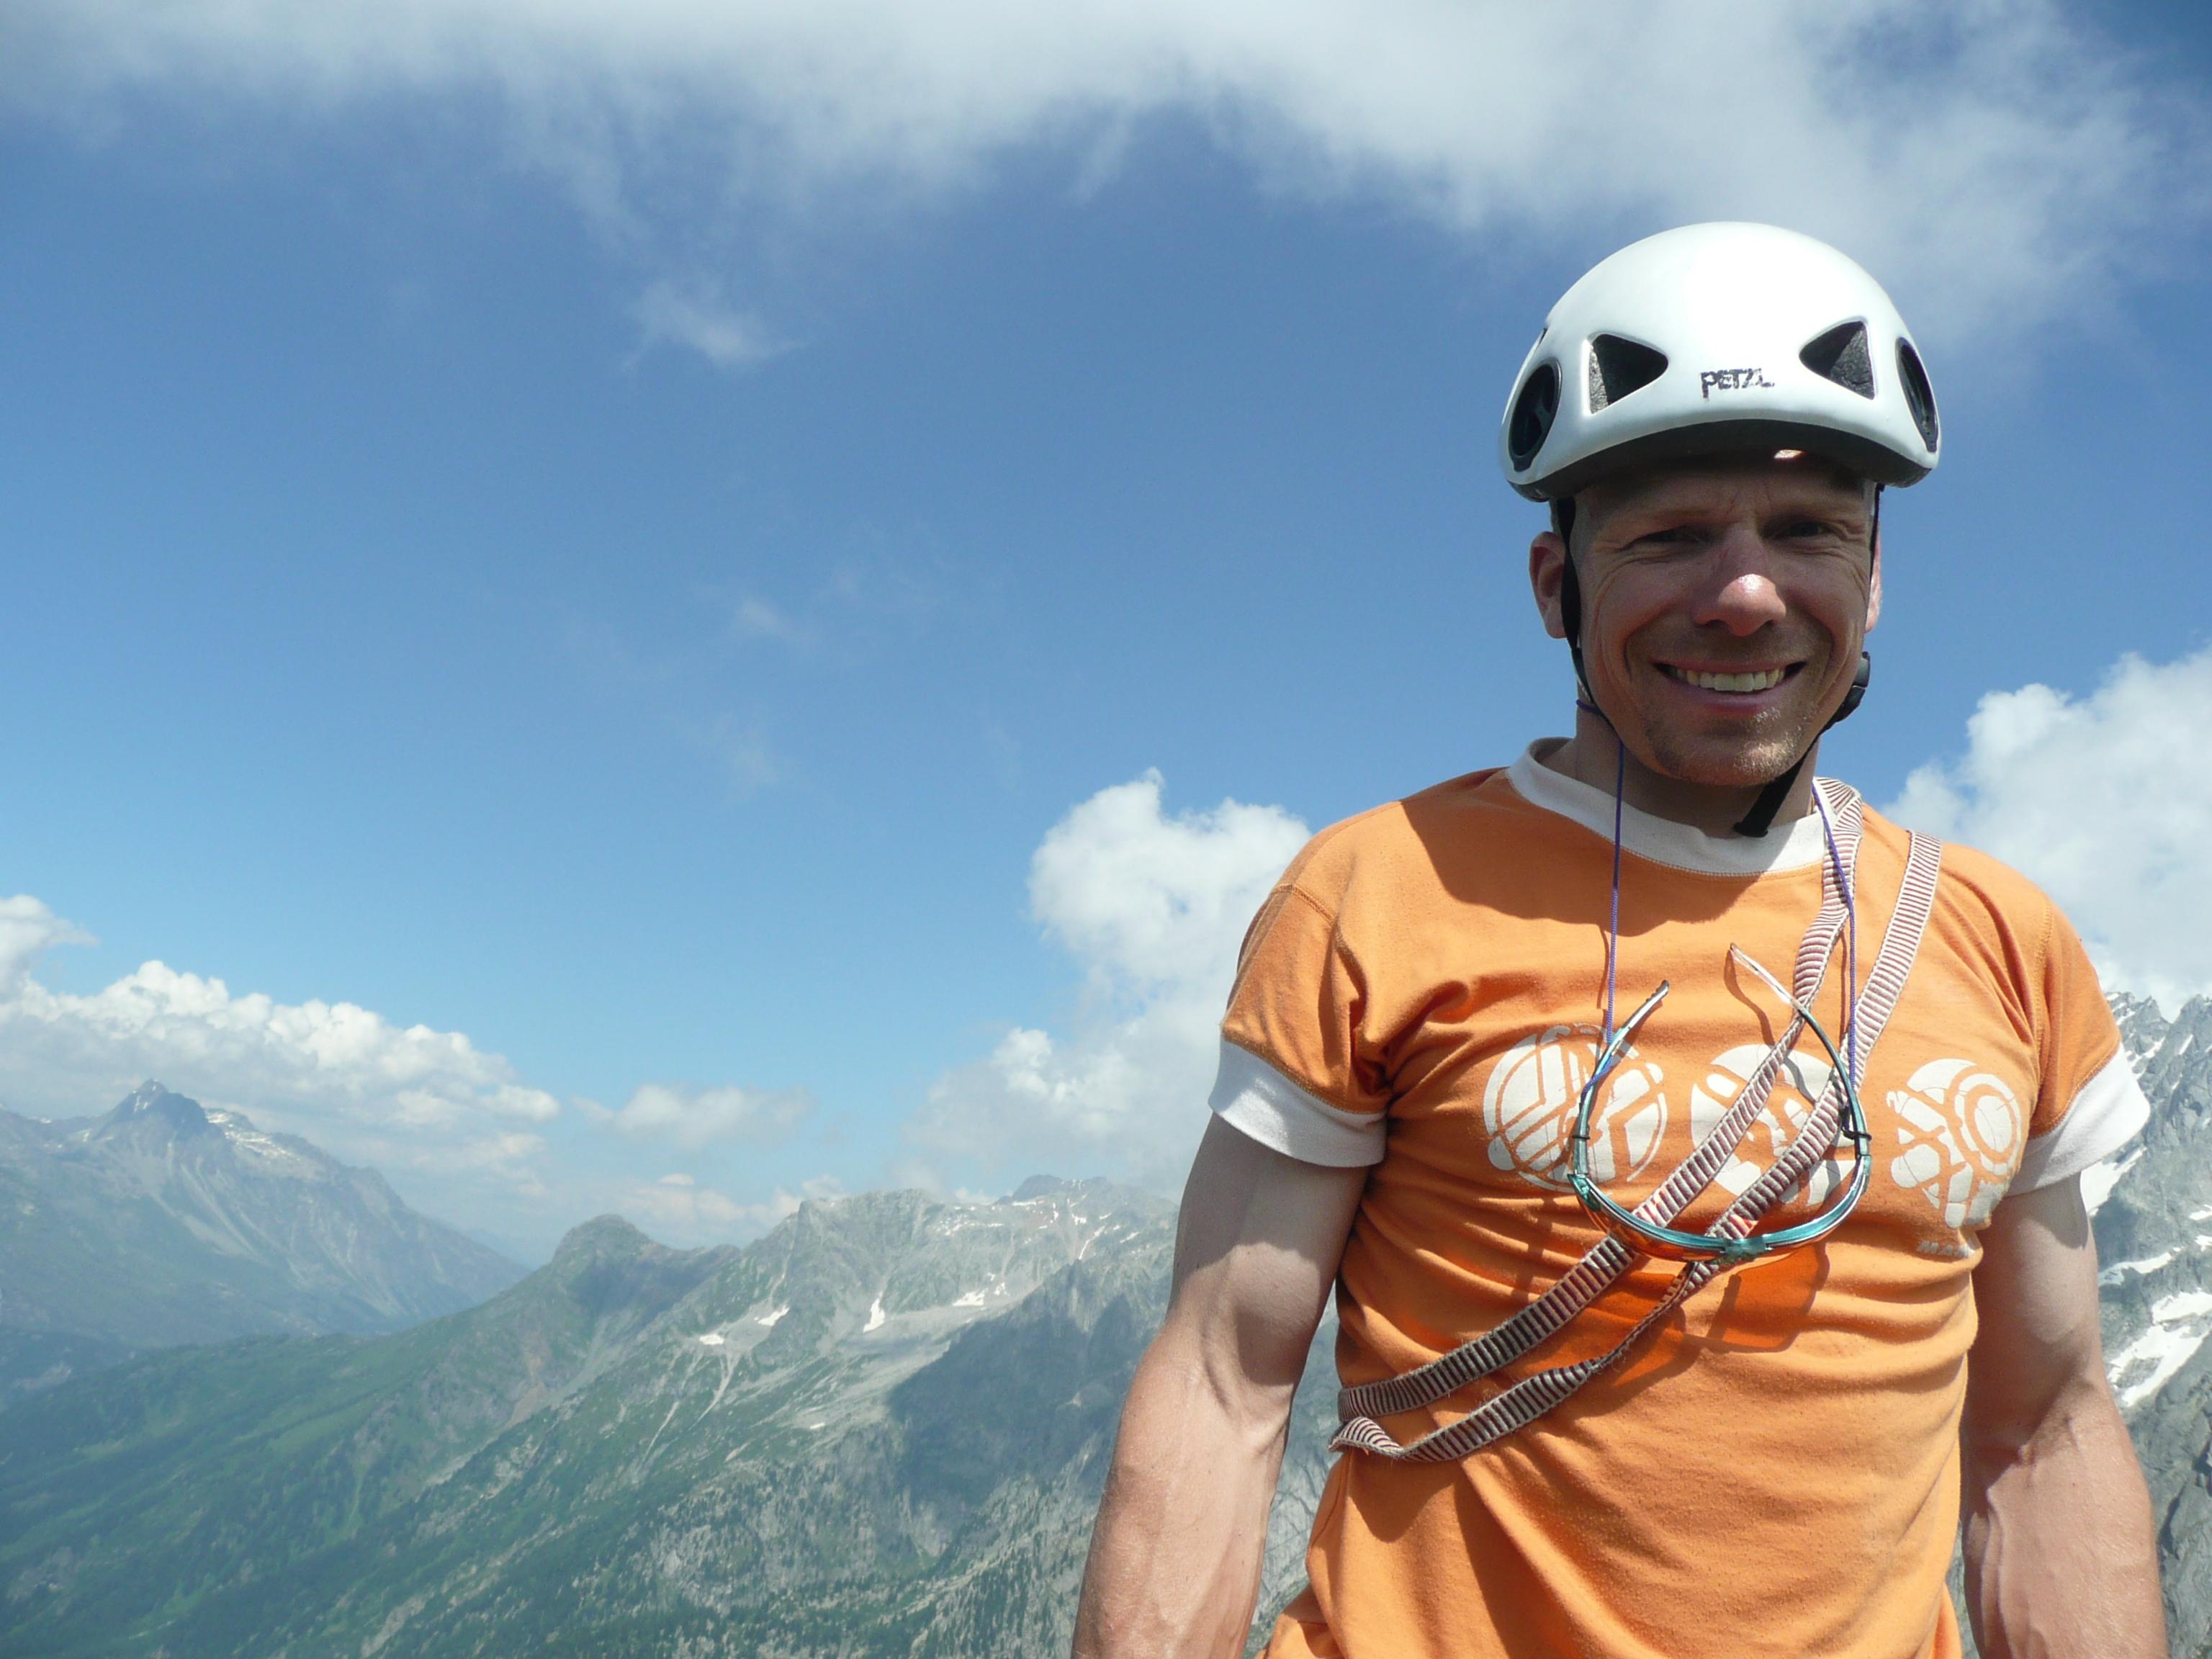 Bär Snowsports Engadin, Bike-, Berg- und Schneesportschule Slide 1